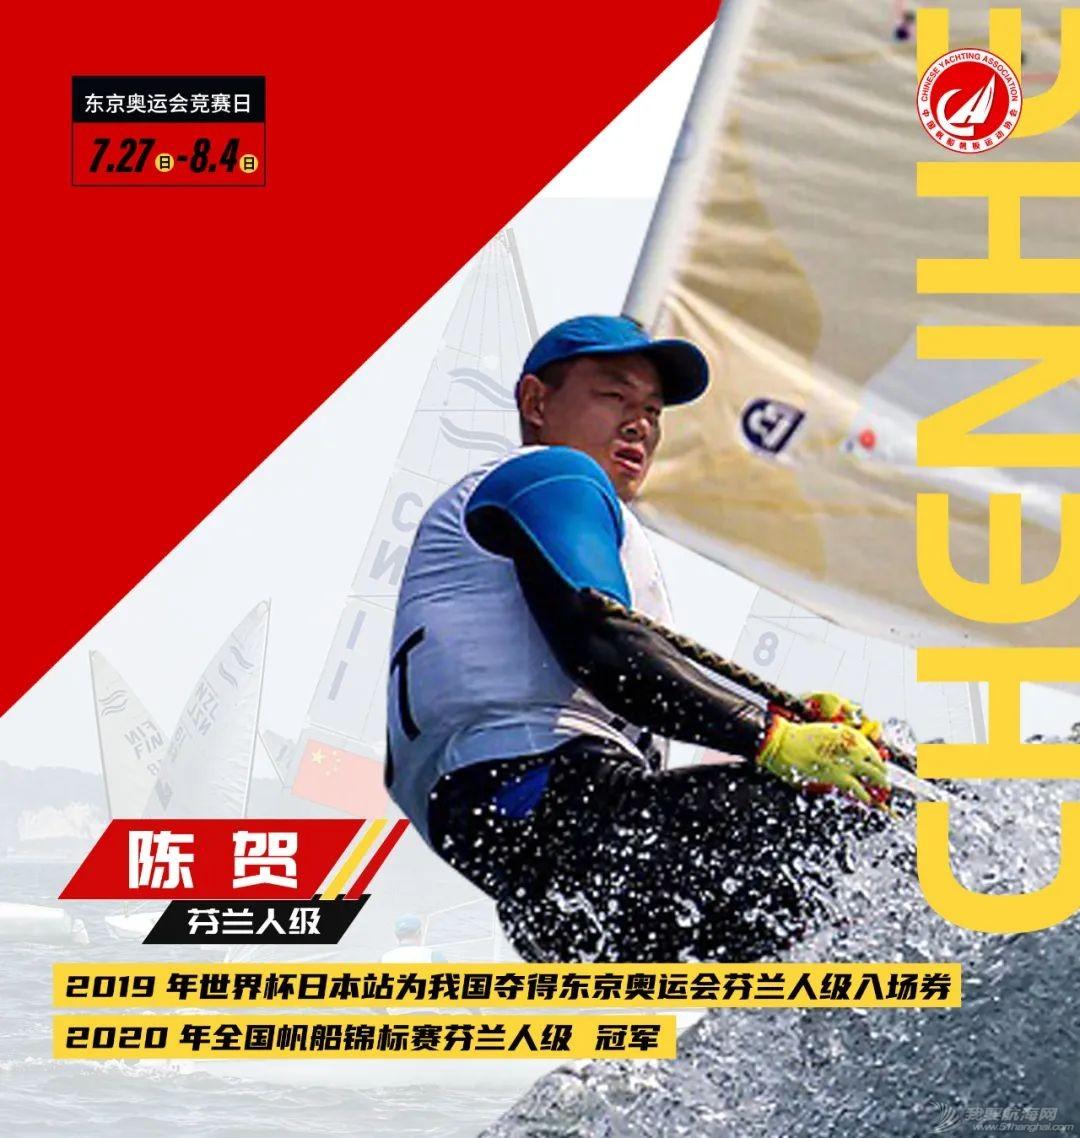 东京奥运会倒计时100天 京东助力中国帆船帆板队全力备战w8.jpg